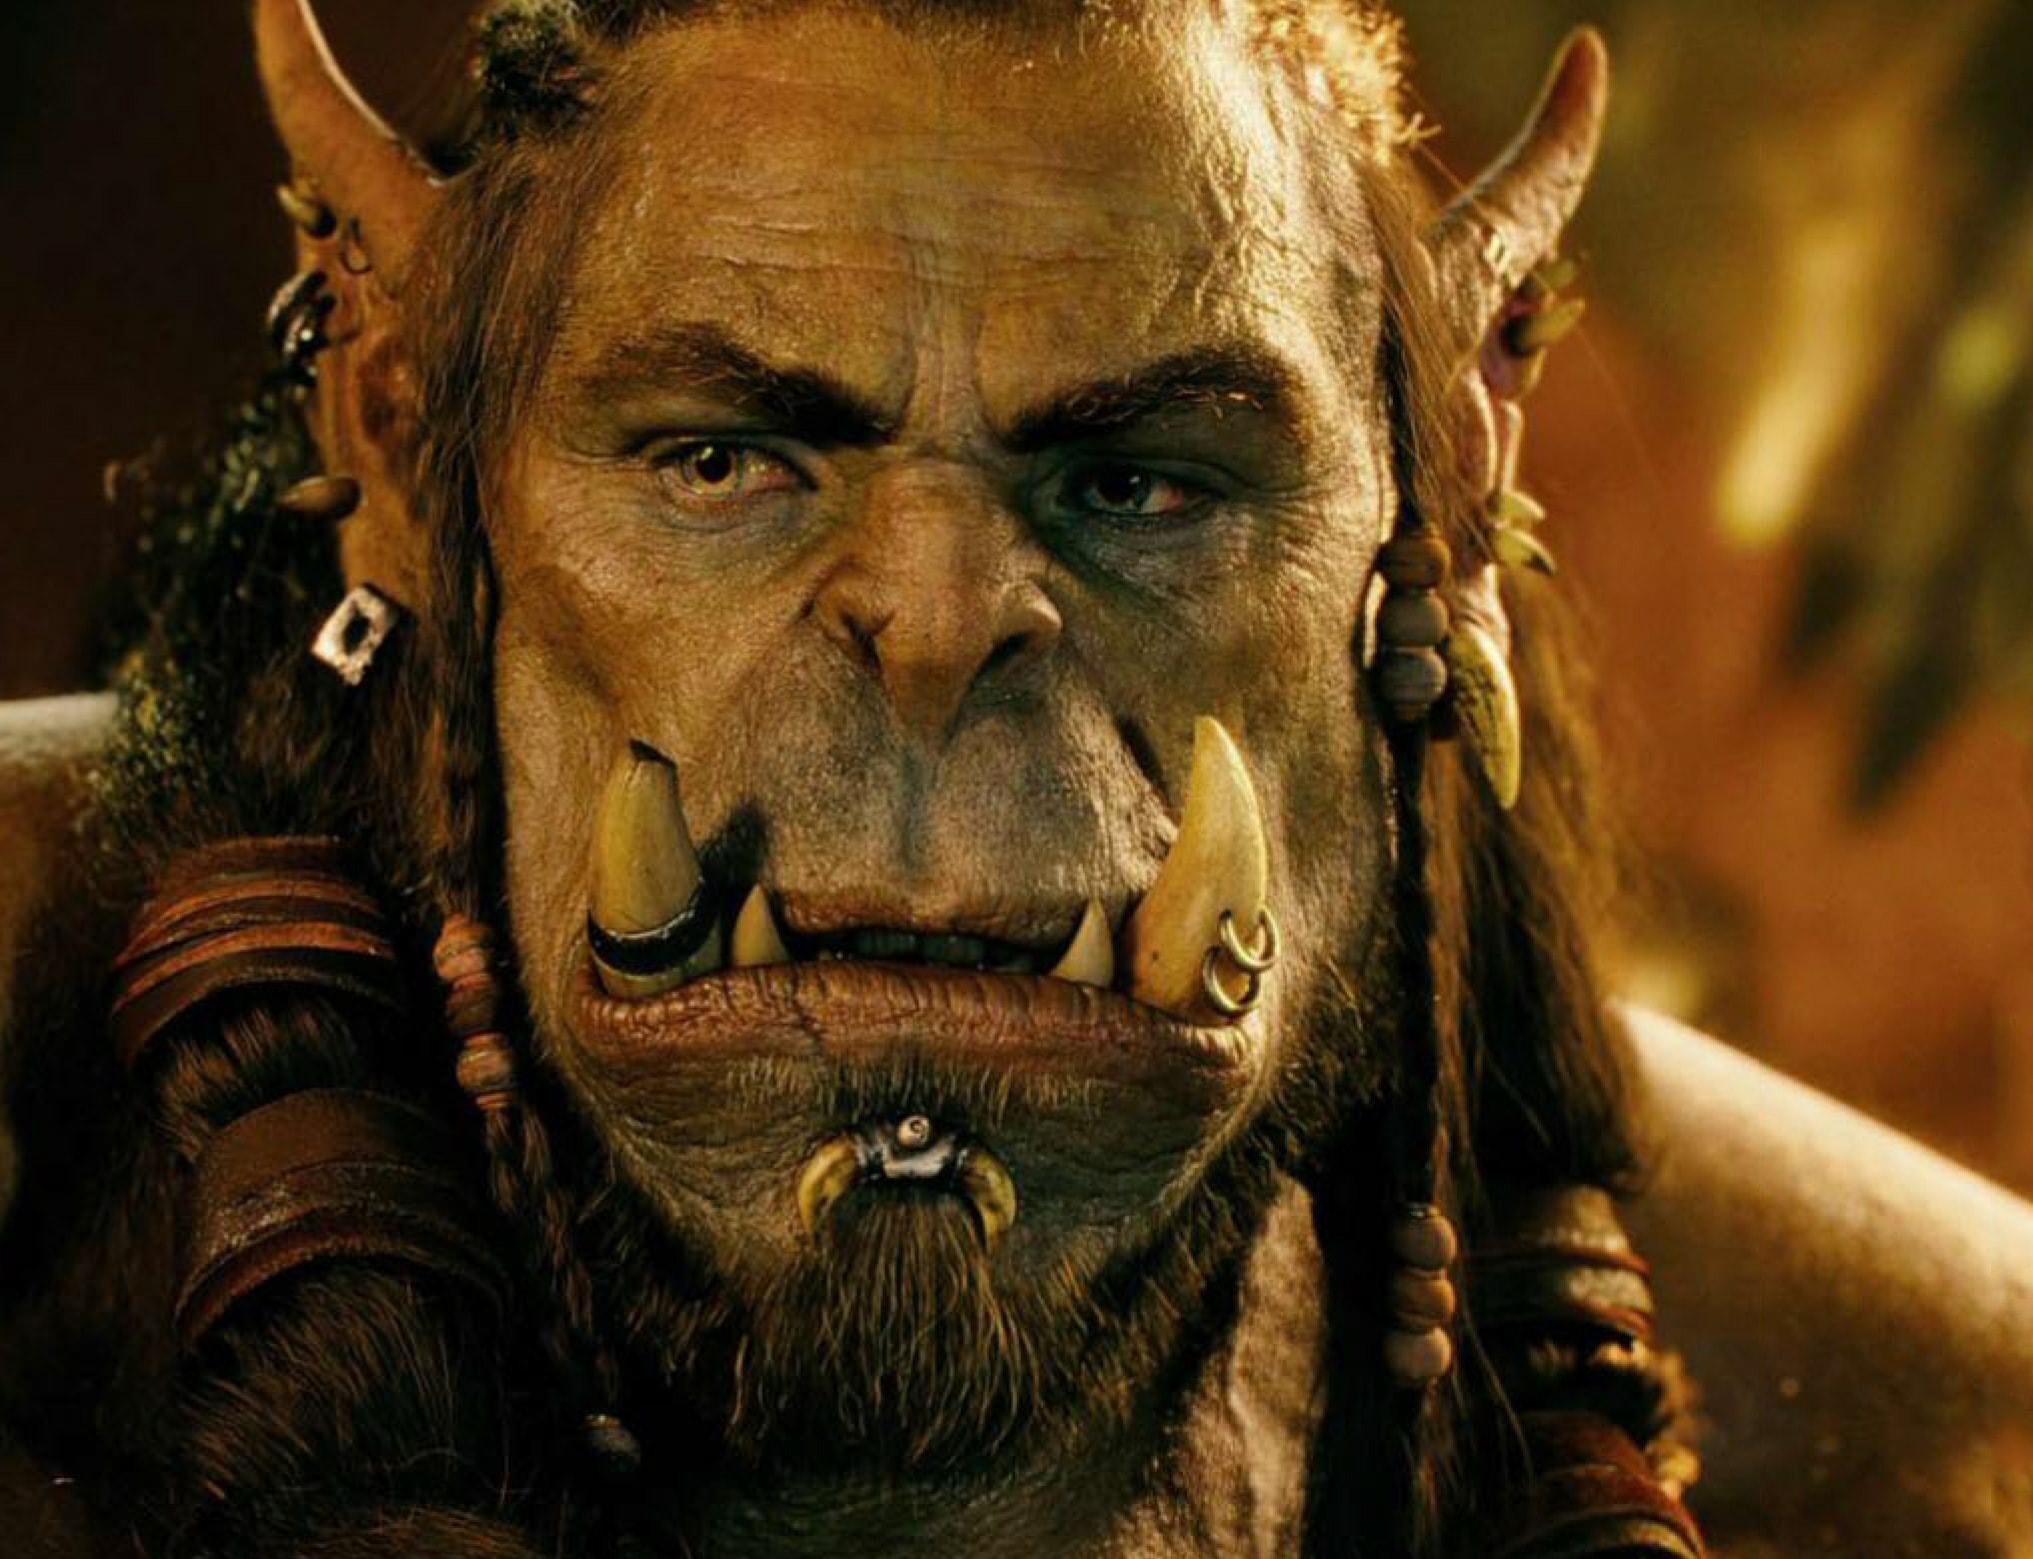 Warcraft Background